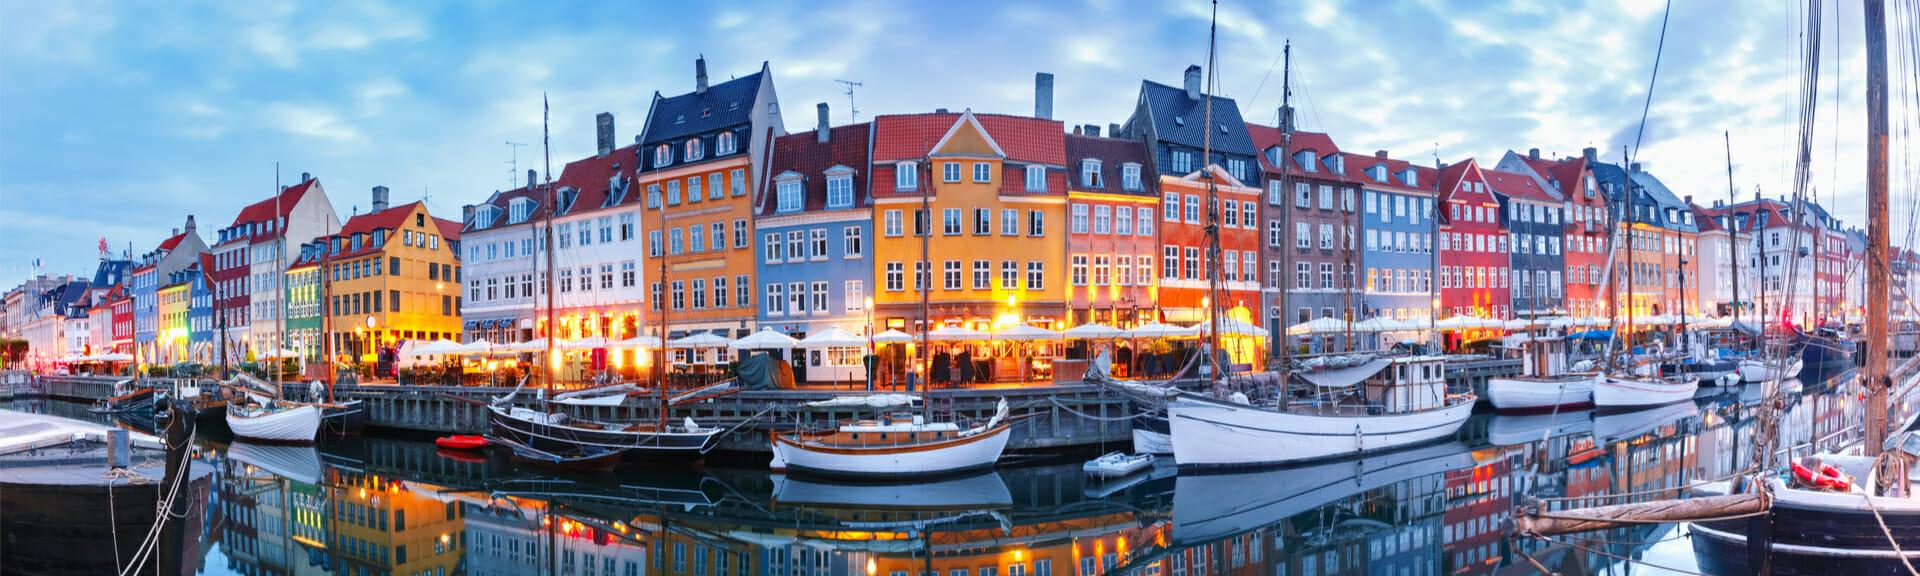 Klassenfahrt Kopenhagen Hafen Nyhavn